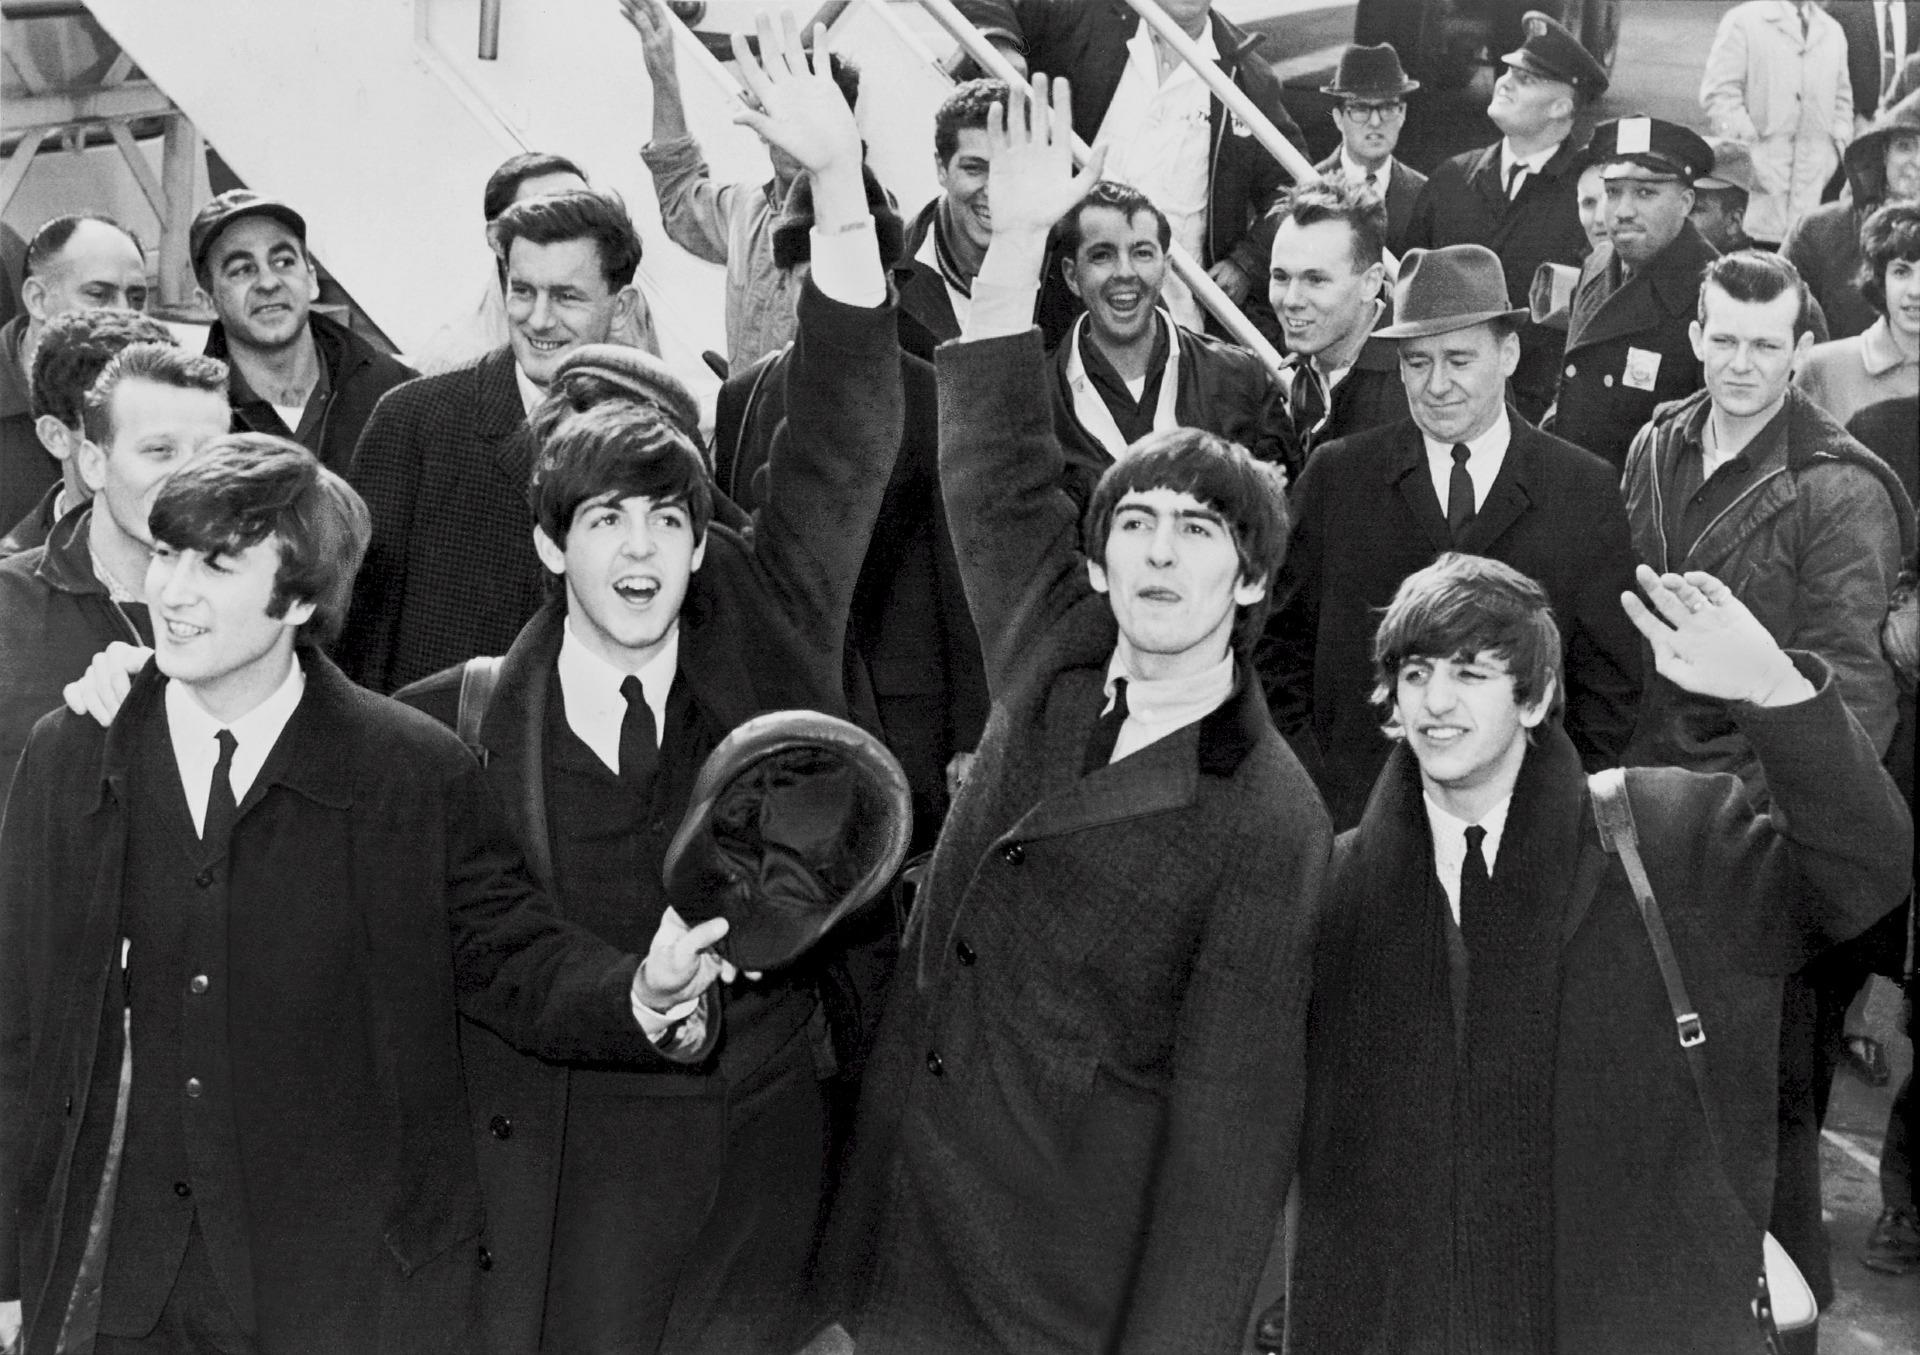 Concerto all'alba al faro di Bibione con Beatles e Queen